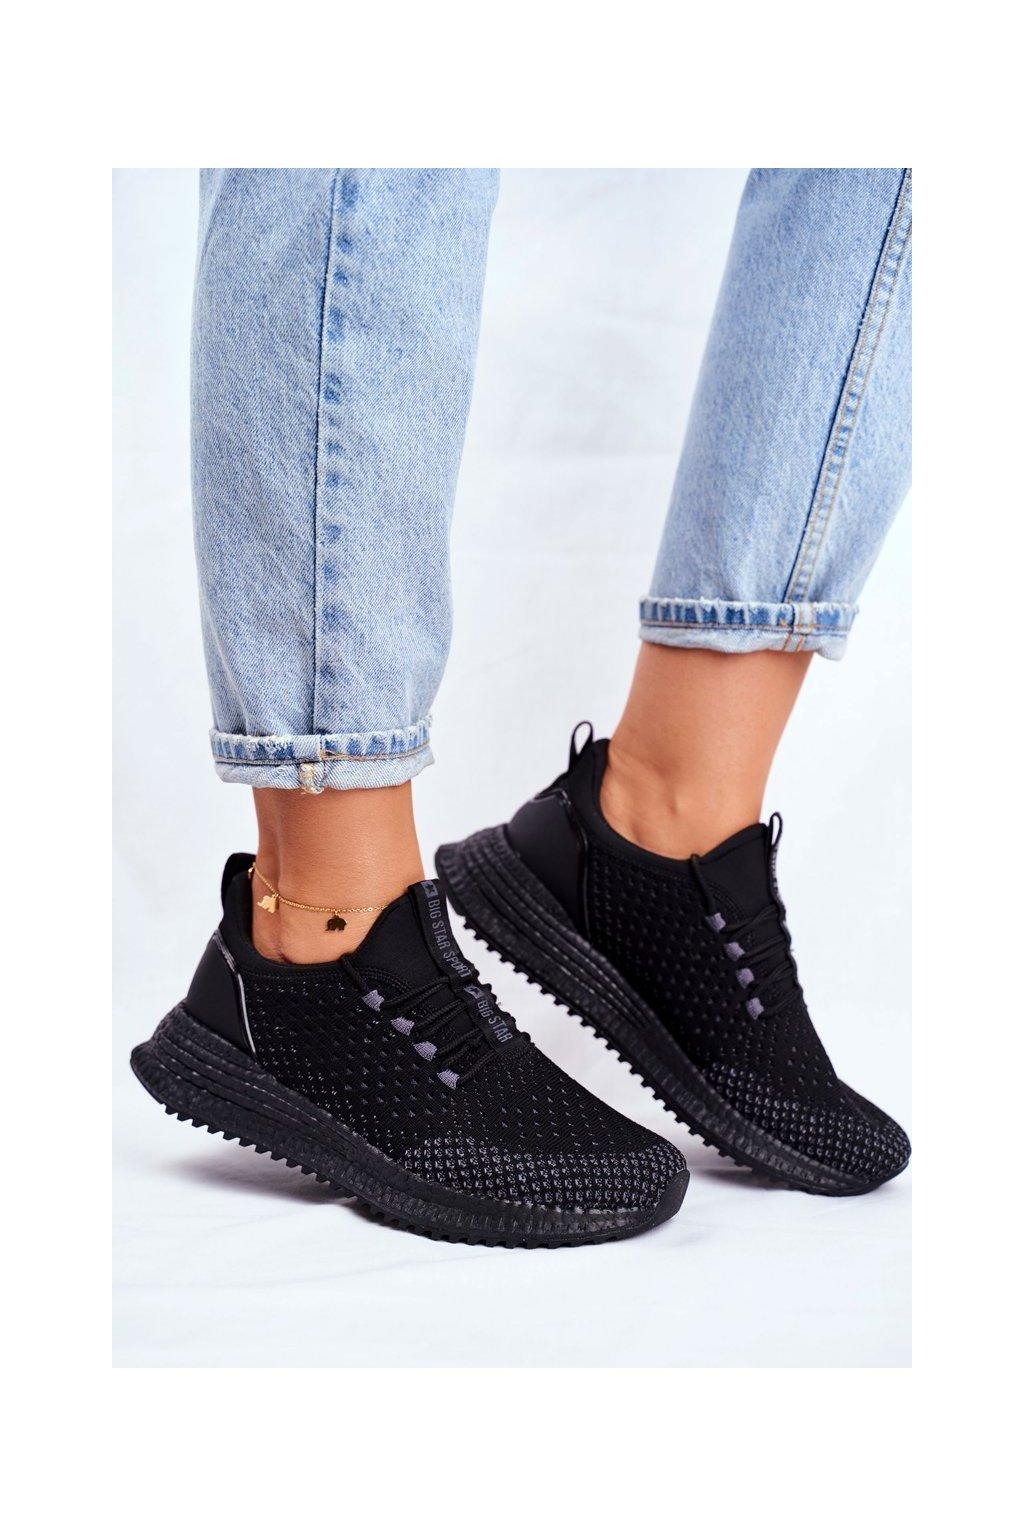 Dámska športová obuv B. Star Čierne NJSK FF274962